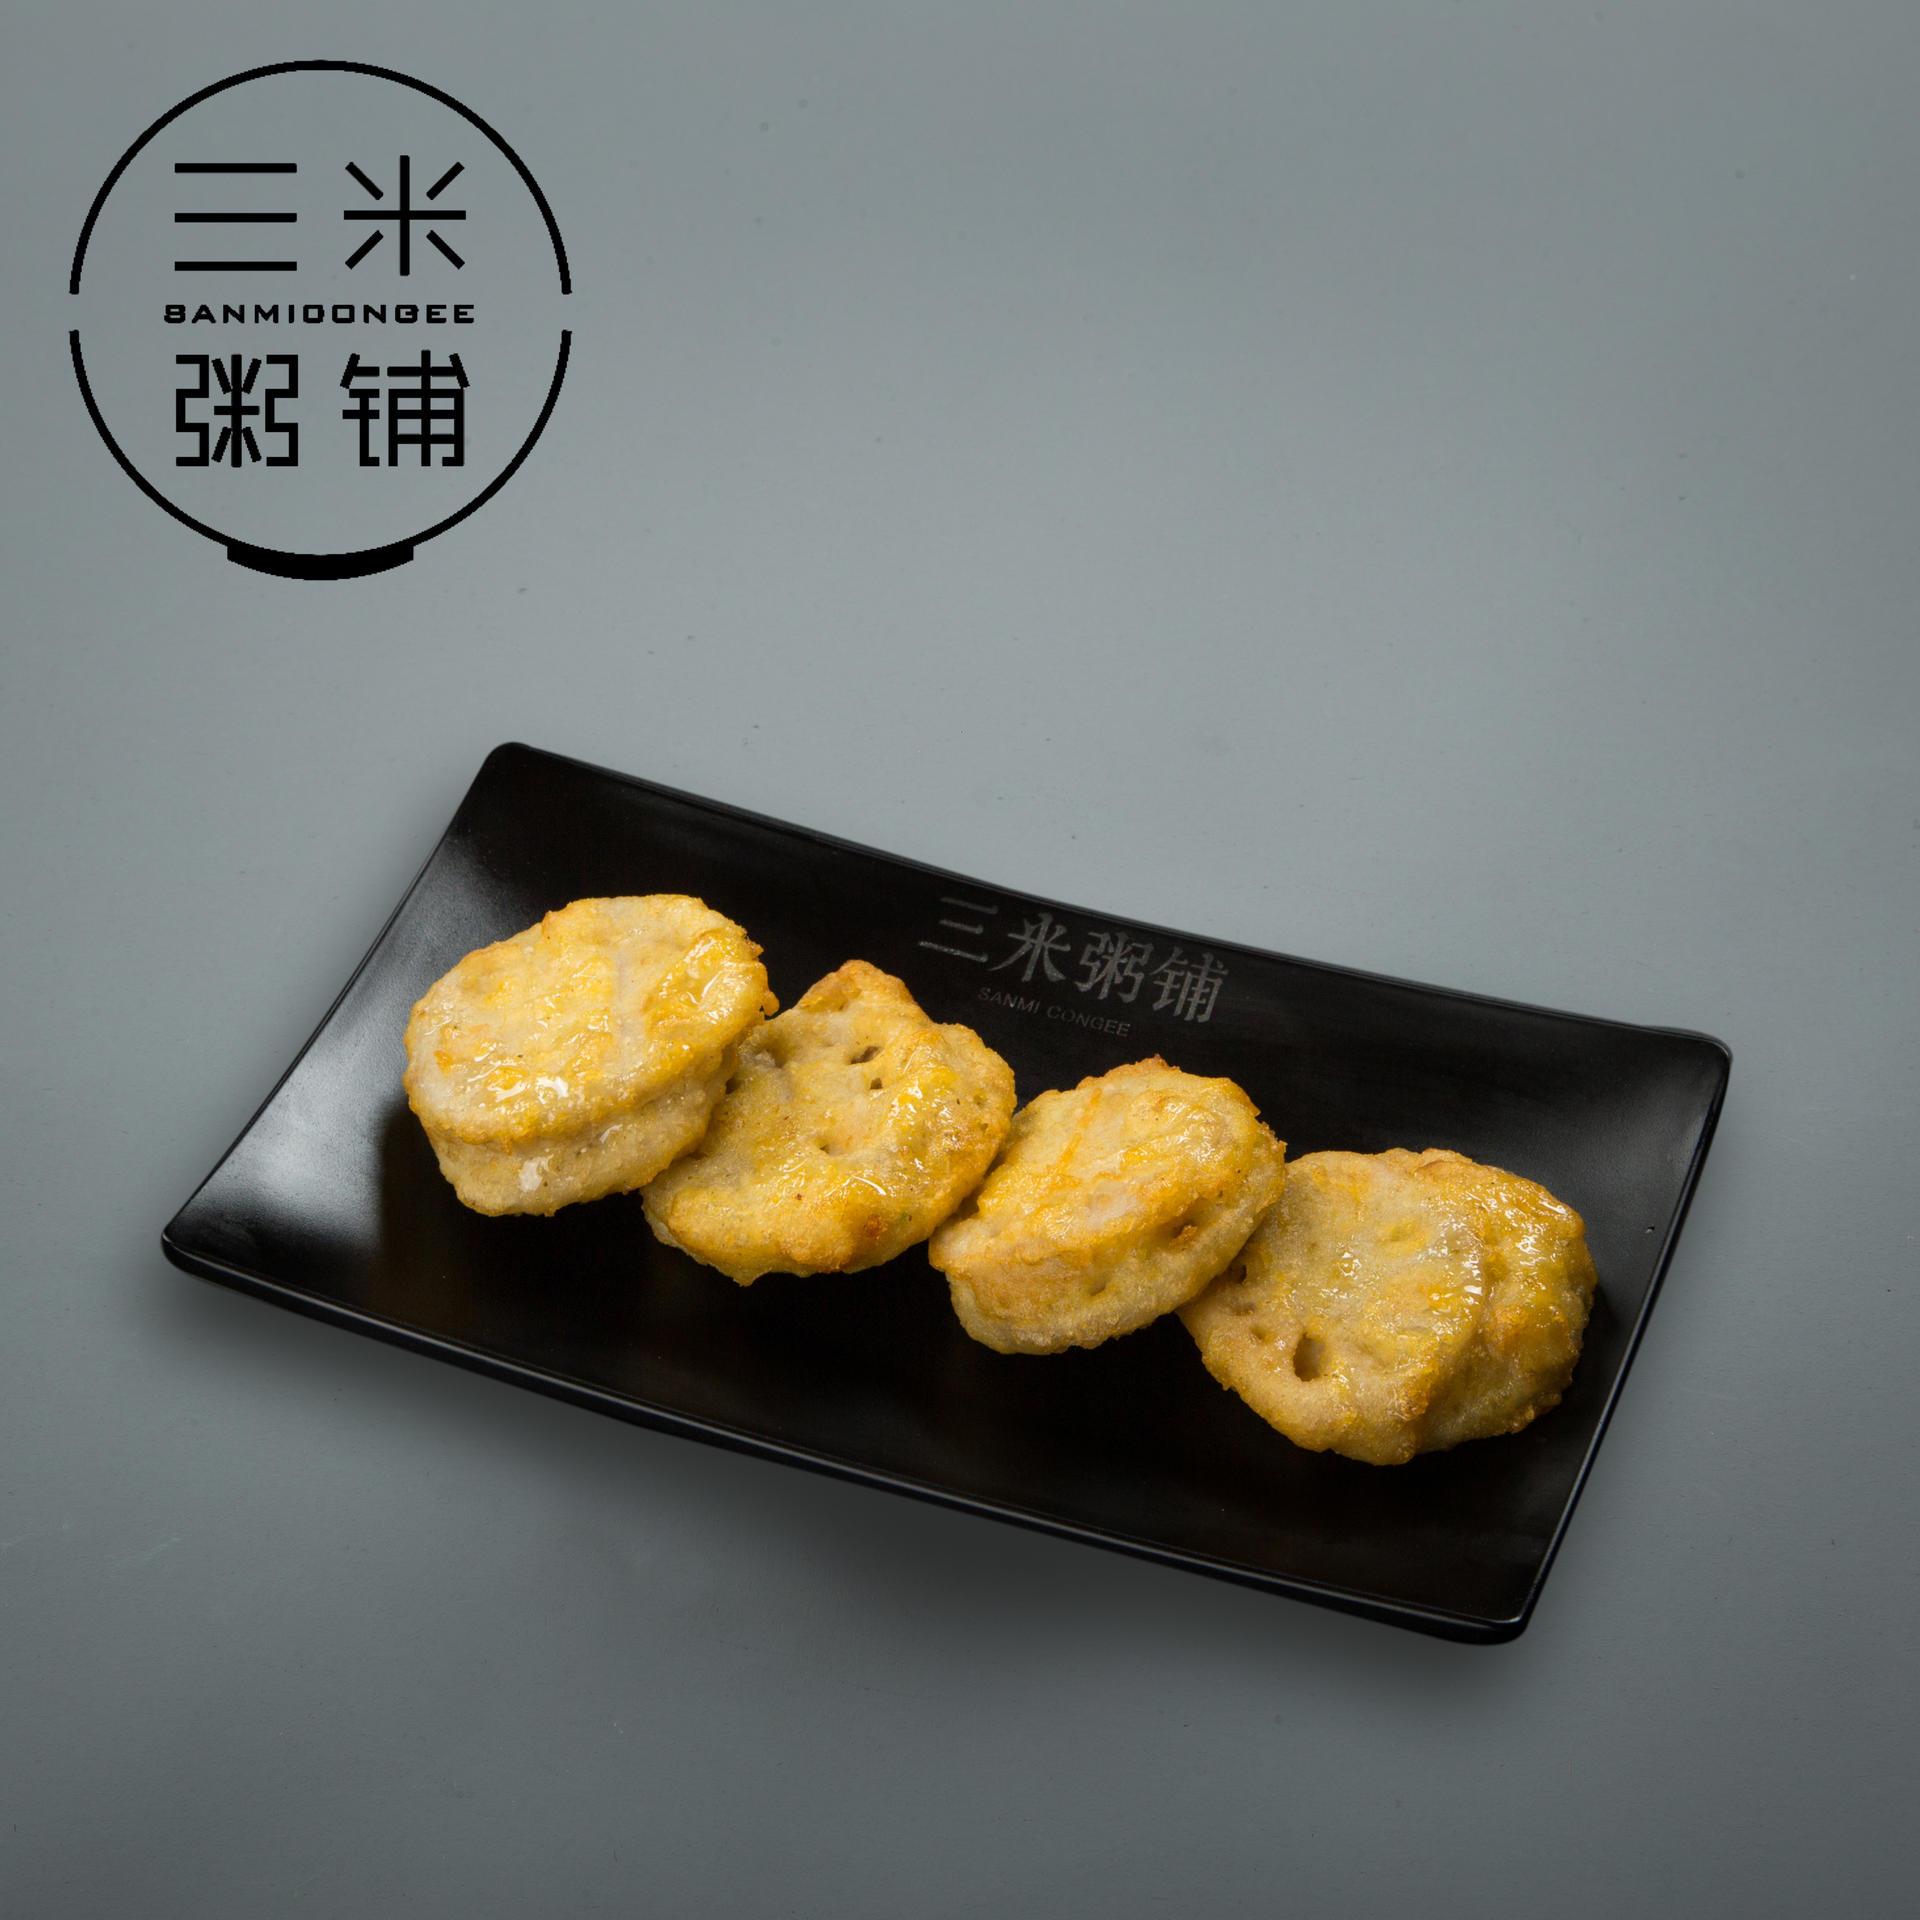 三米藕夹.jpg